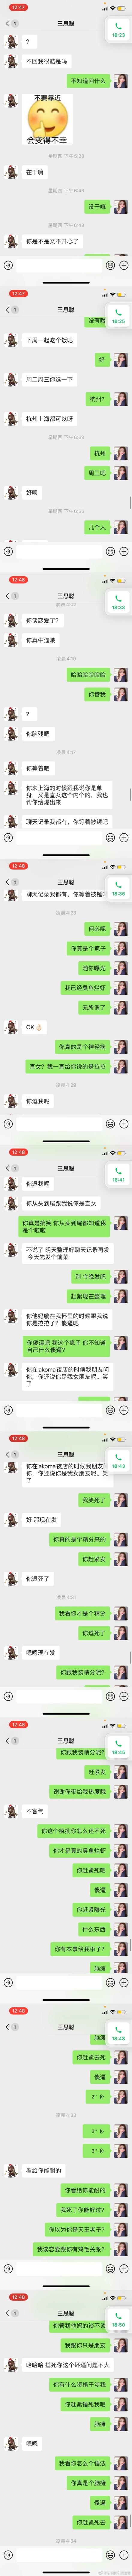 孙一宁怼王思聪经典语录大全_52z.com